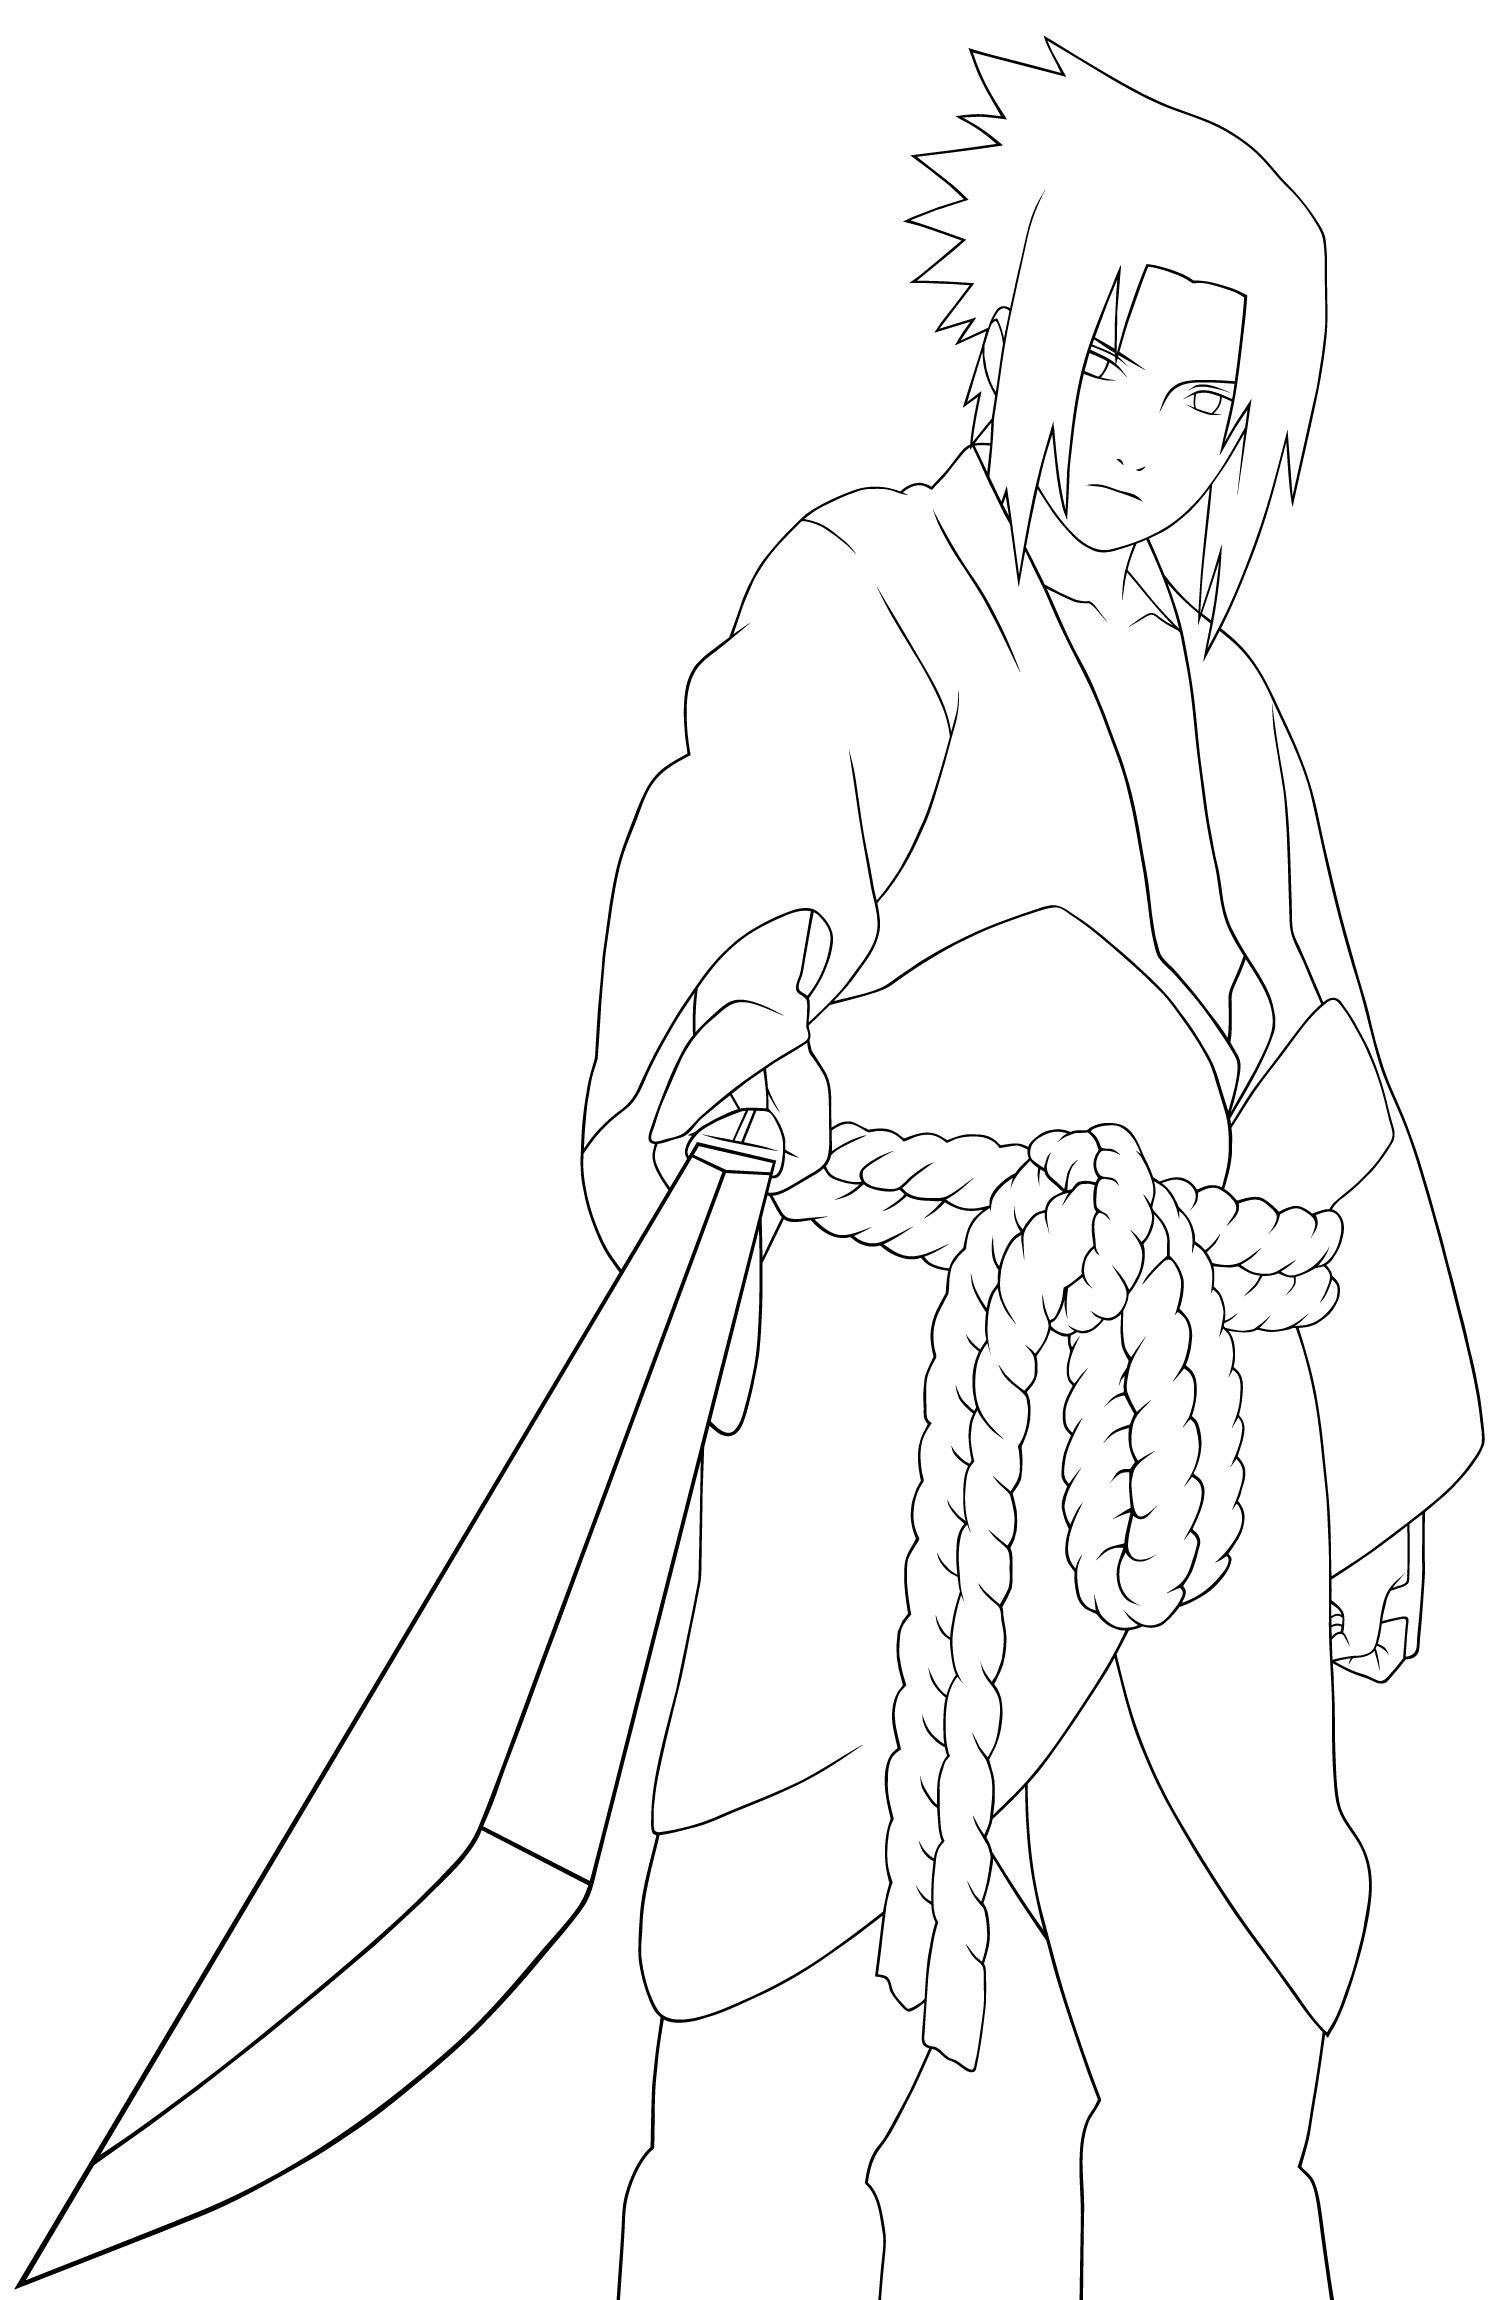 Sasuke and sakura coloring pages coloring pages - Naruto Coloring Pages Coloring Pages Of Epicness Pinterest Naruto And Stenciling